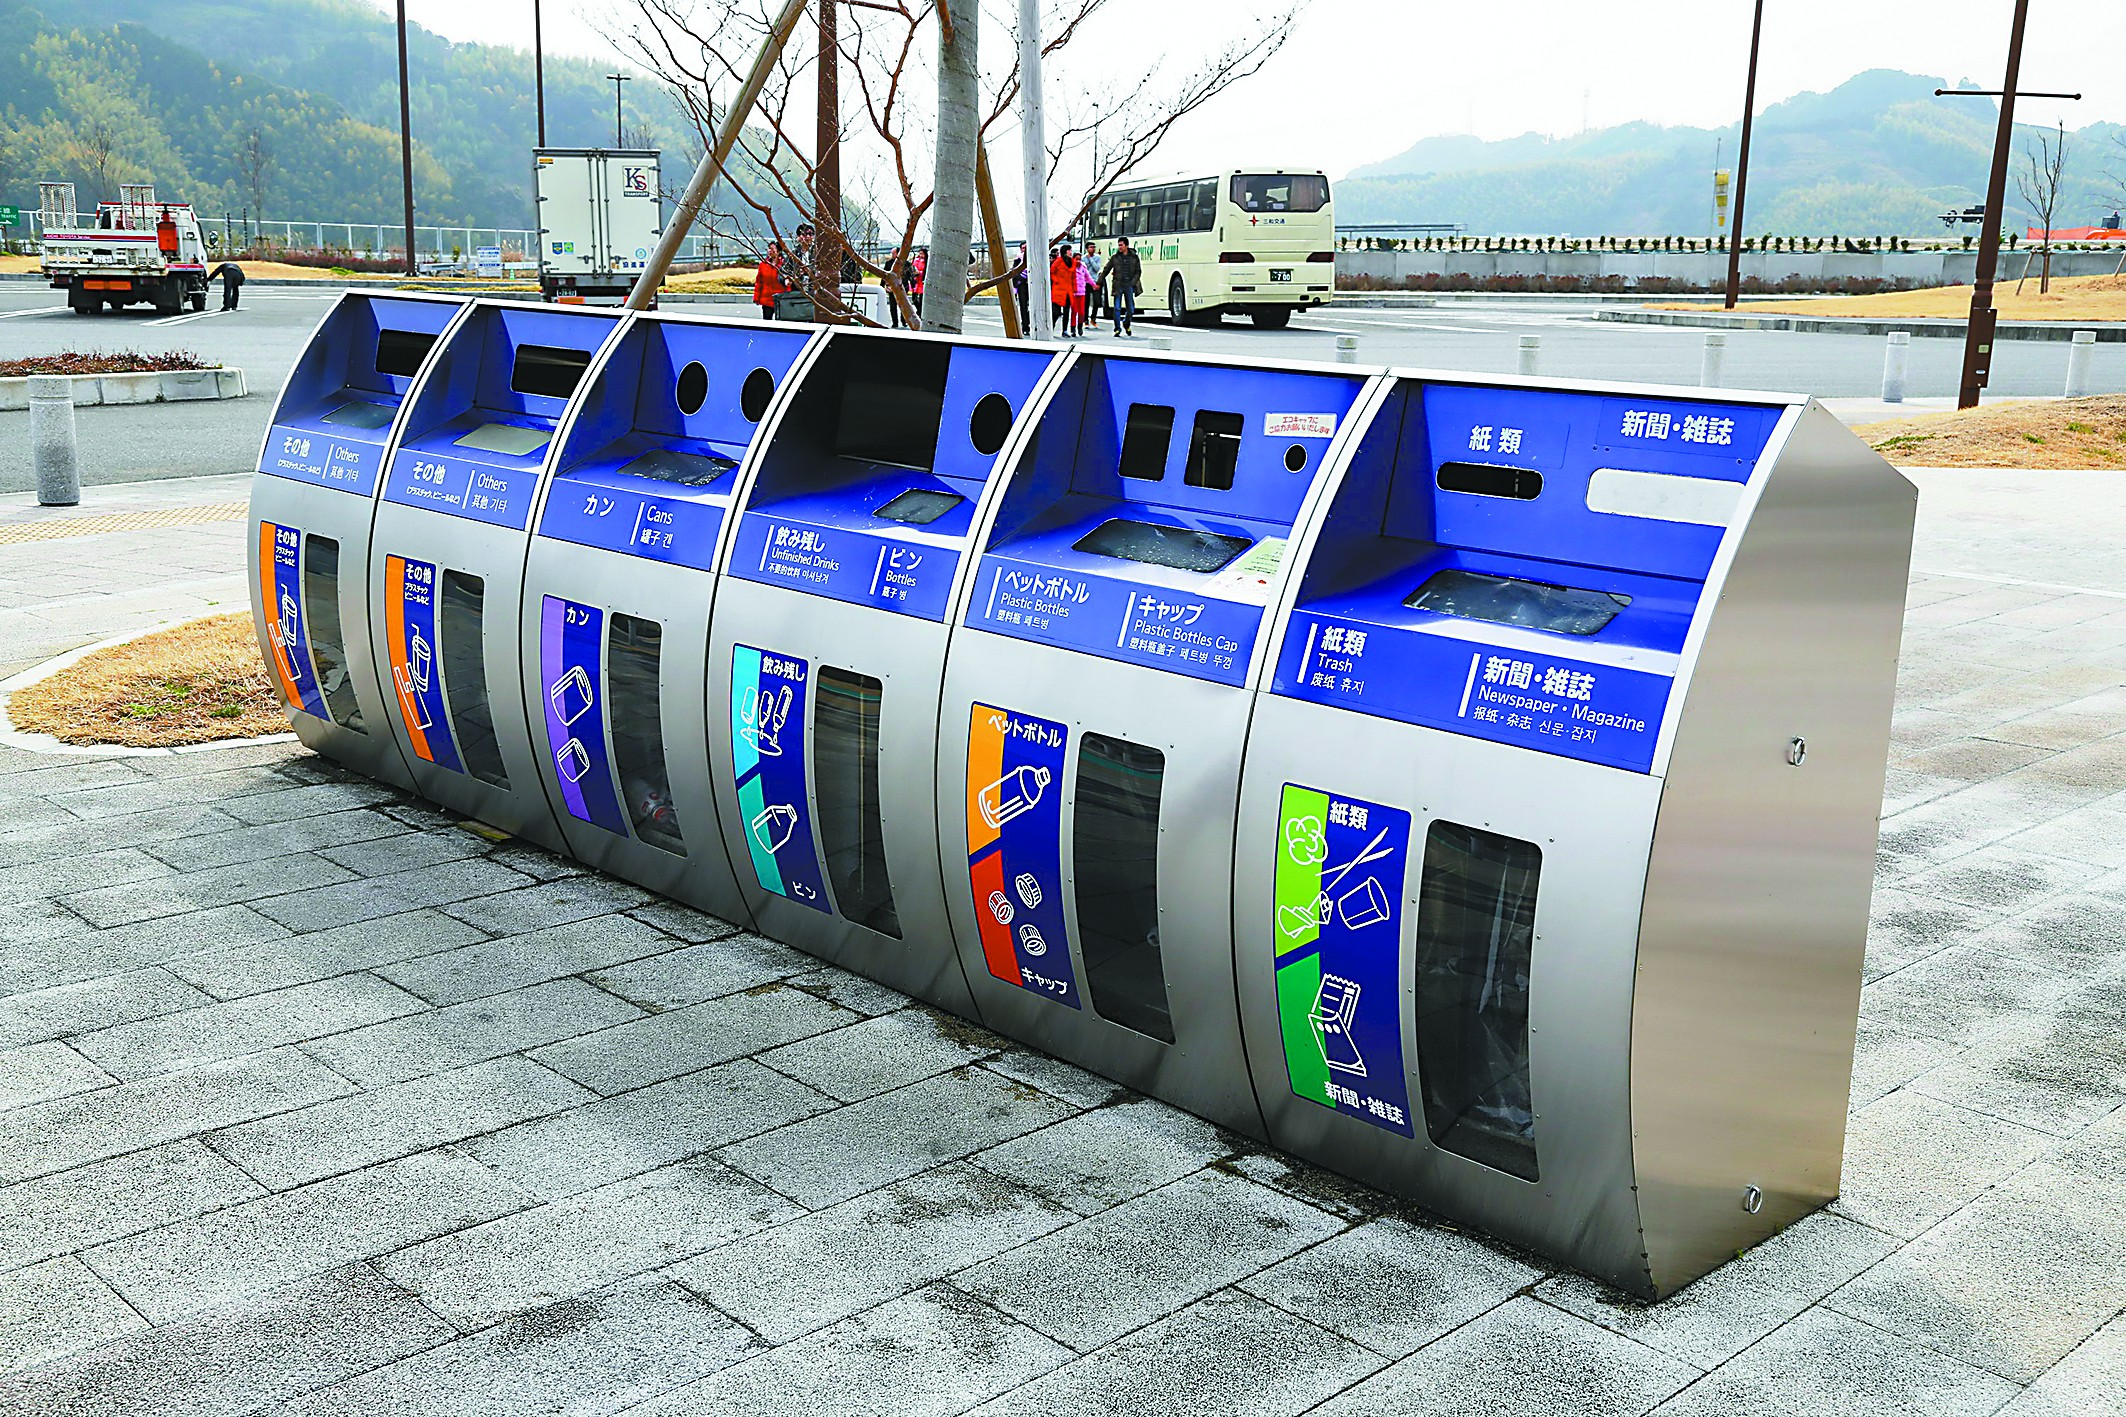 日本垃圾减量有不少好点子